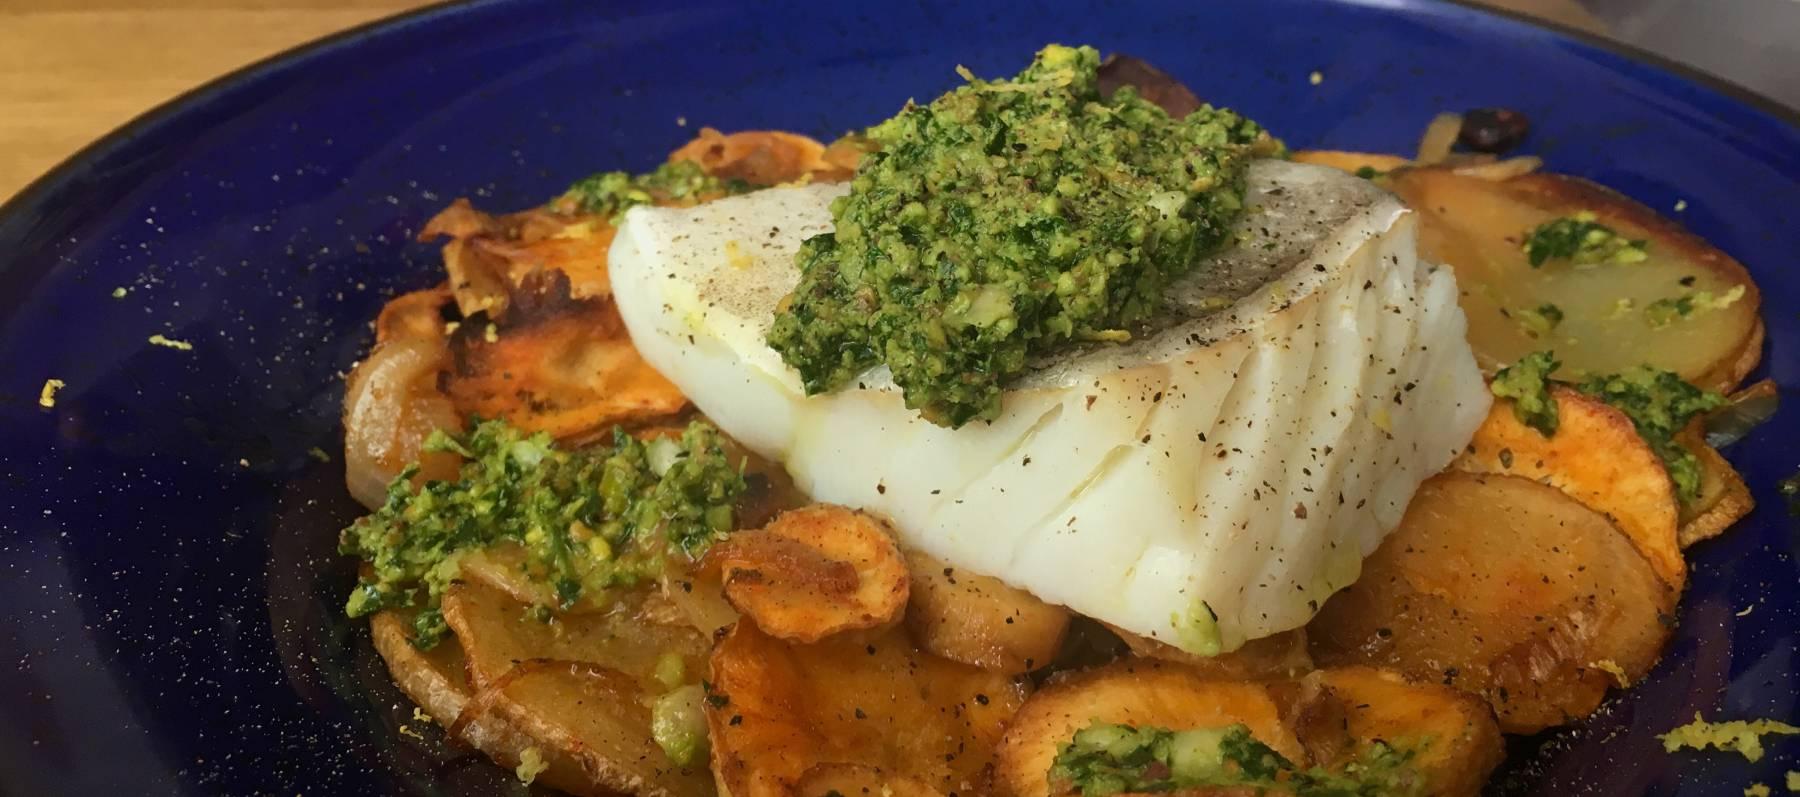 Bacalao con patata chiriv a y gremolata de pistacho recetas el comidista el pa s - Bacalao guisado con patatas ...